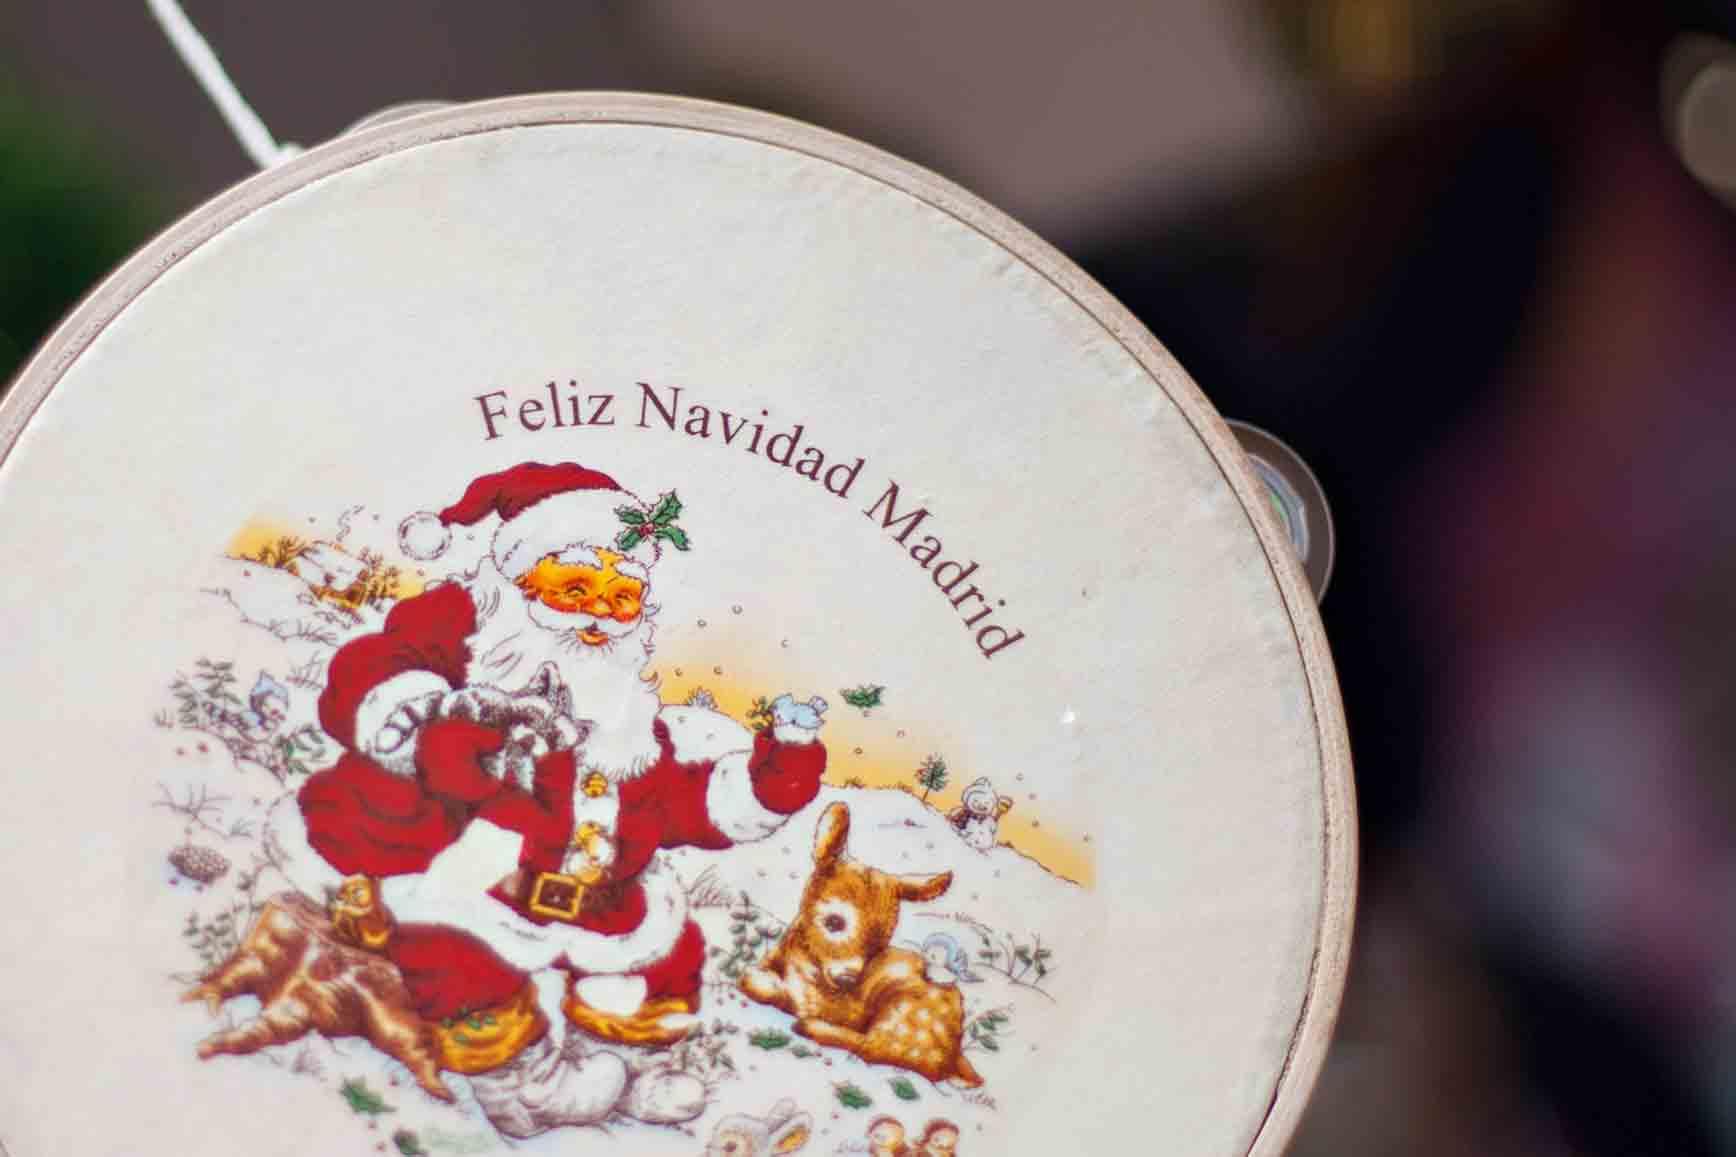 Navidad-en-Madrid-claraBmartin-06